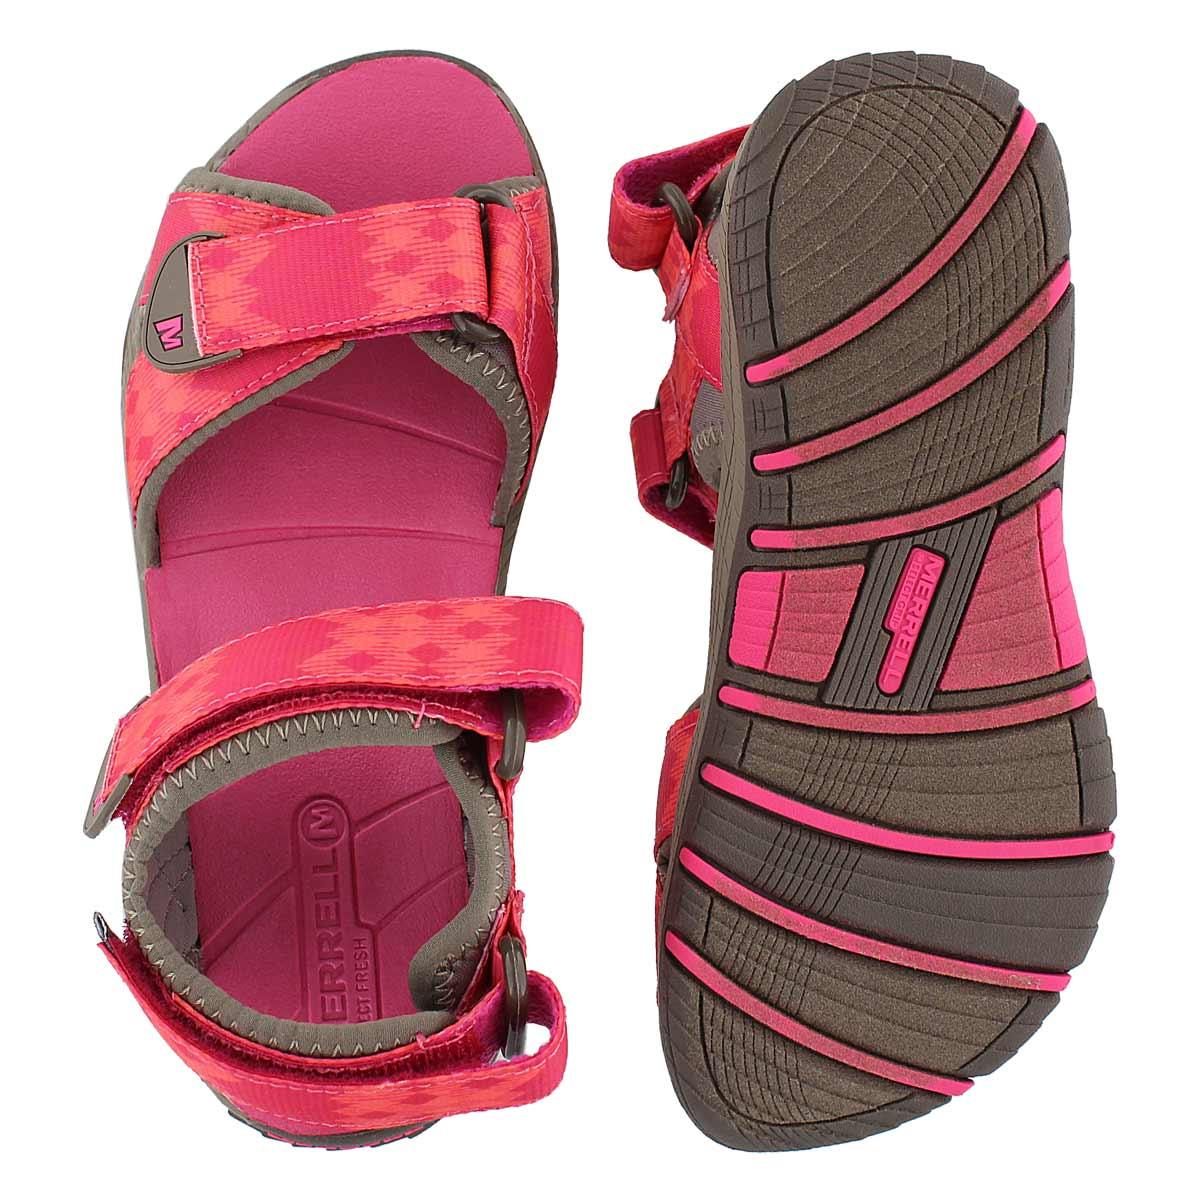 Grls Surf Strap 2.0 brn/pnk sport sandal